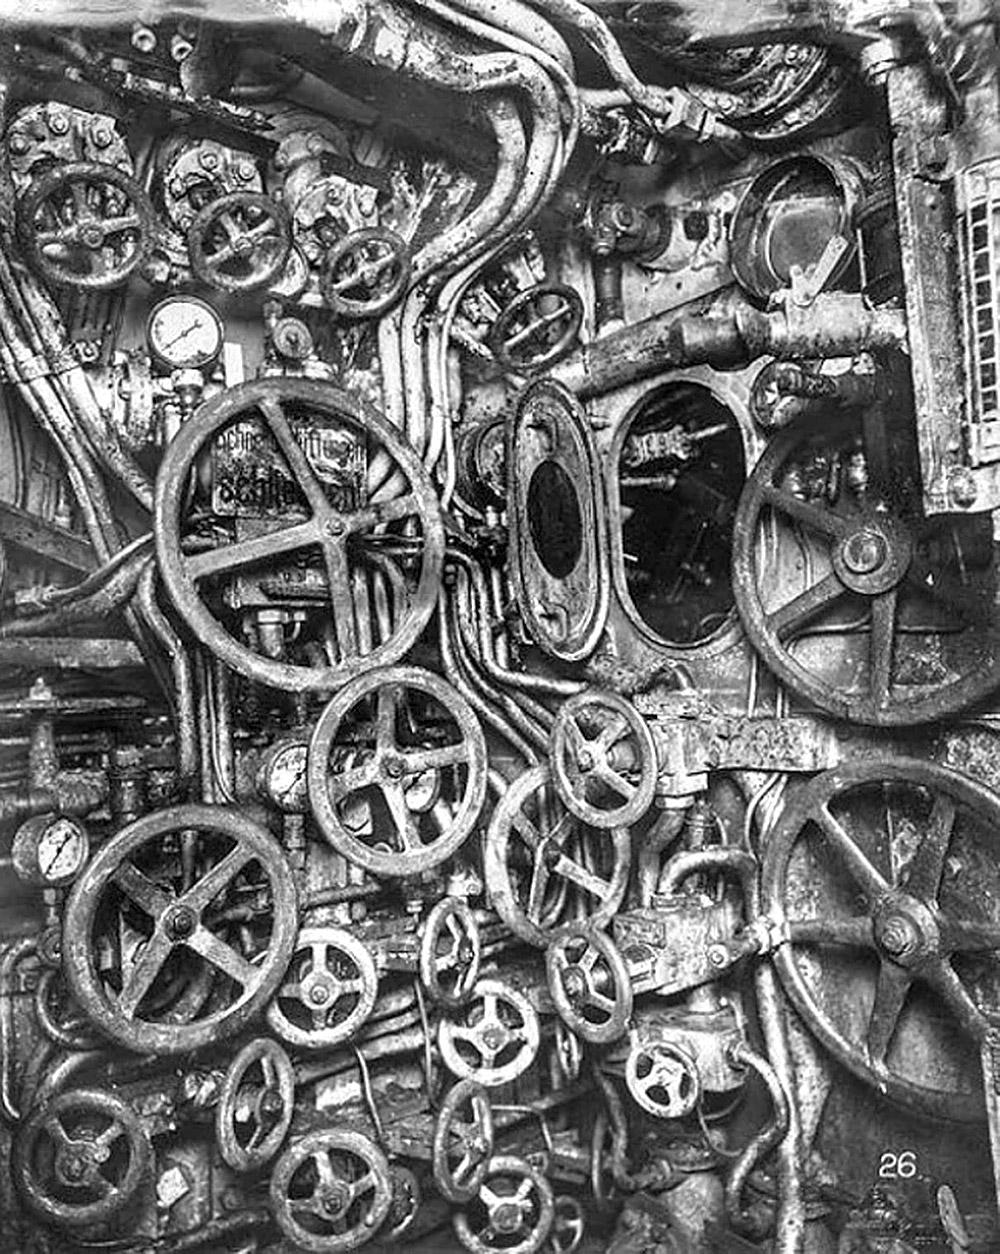 პირველი მსოფლიო ომის დროინდელი წყალქვეშა ნავი